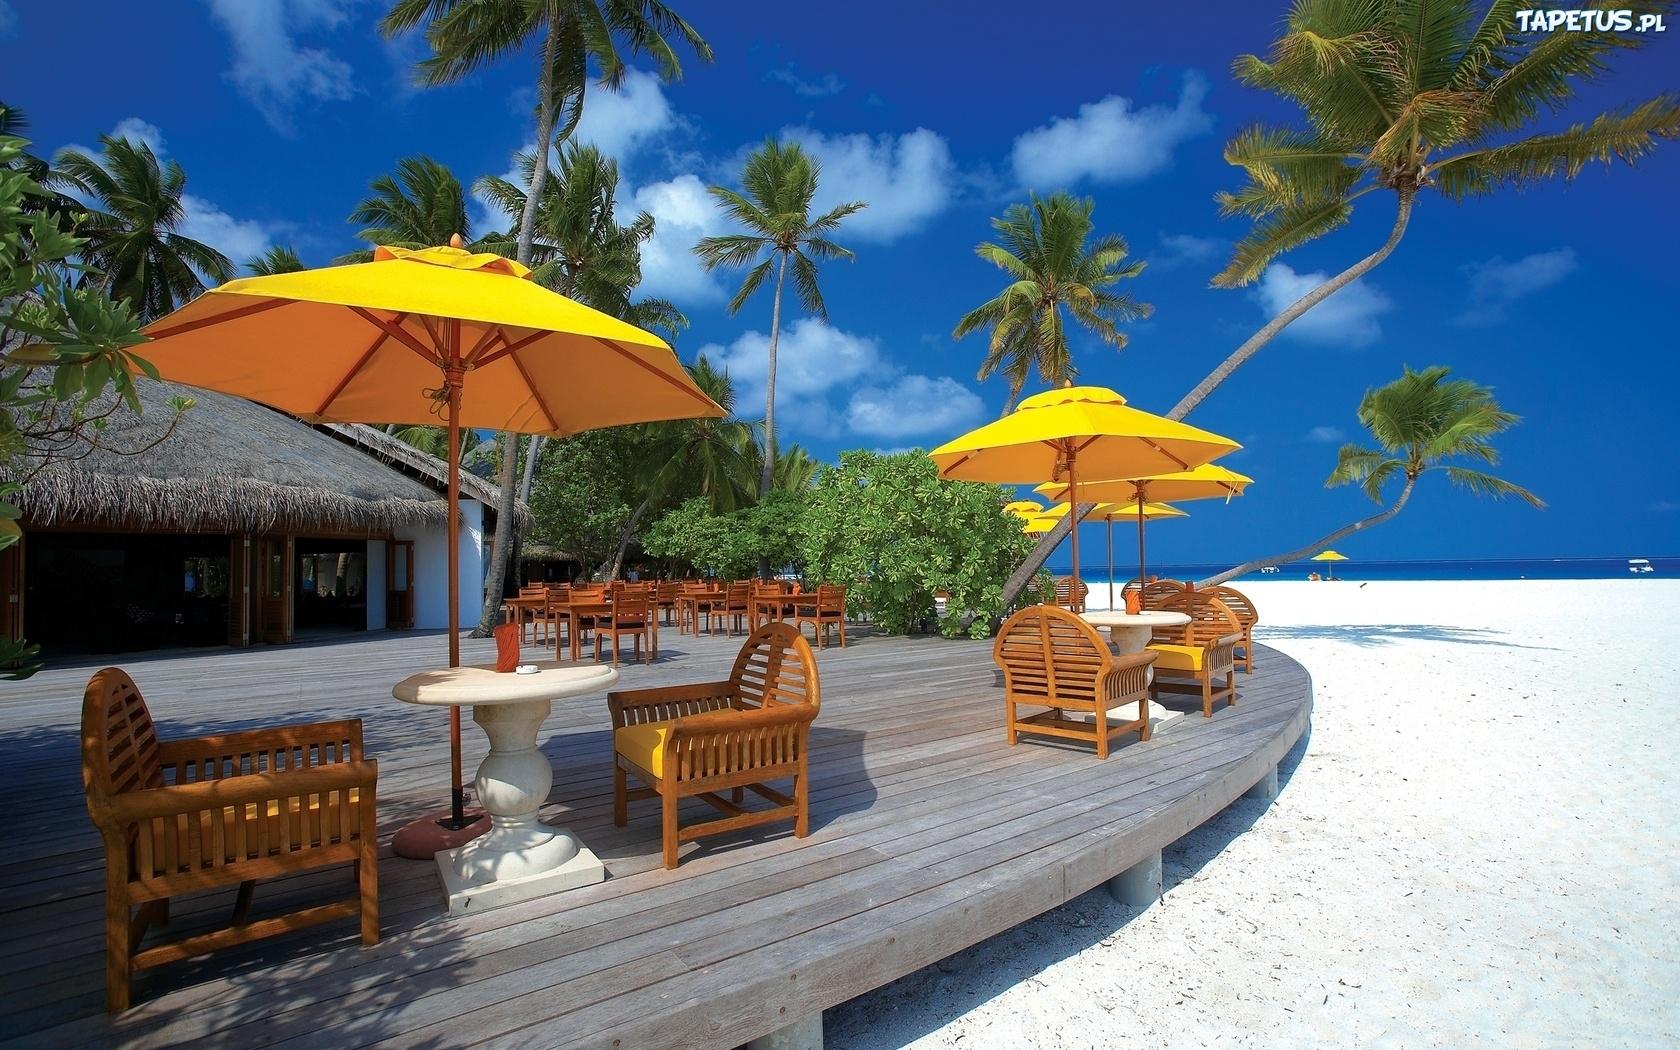 Pla a palmy parasole piasek wakacje for Hotel luxury definicion